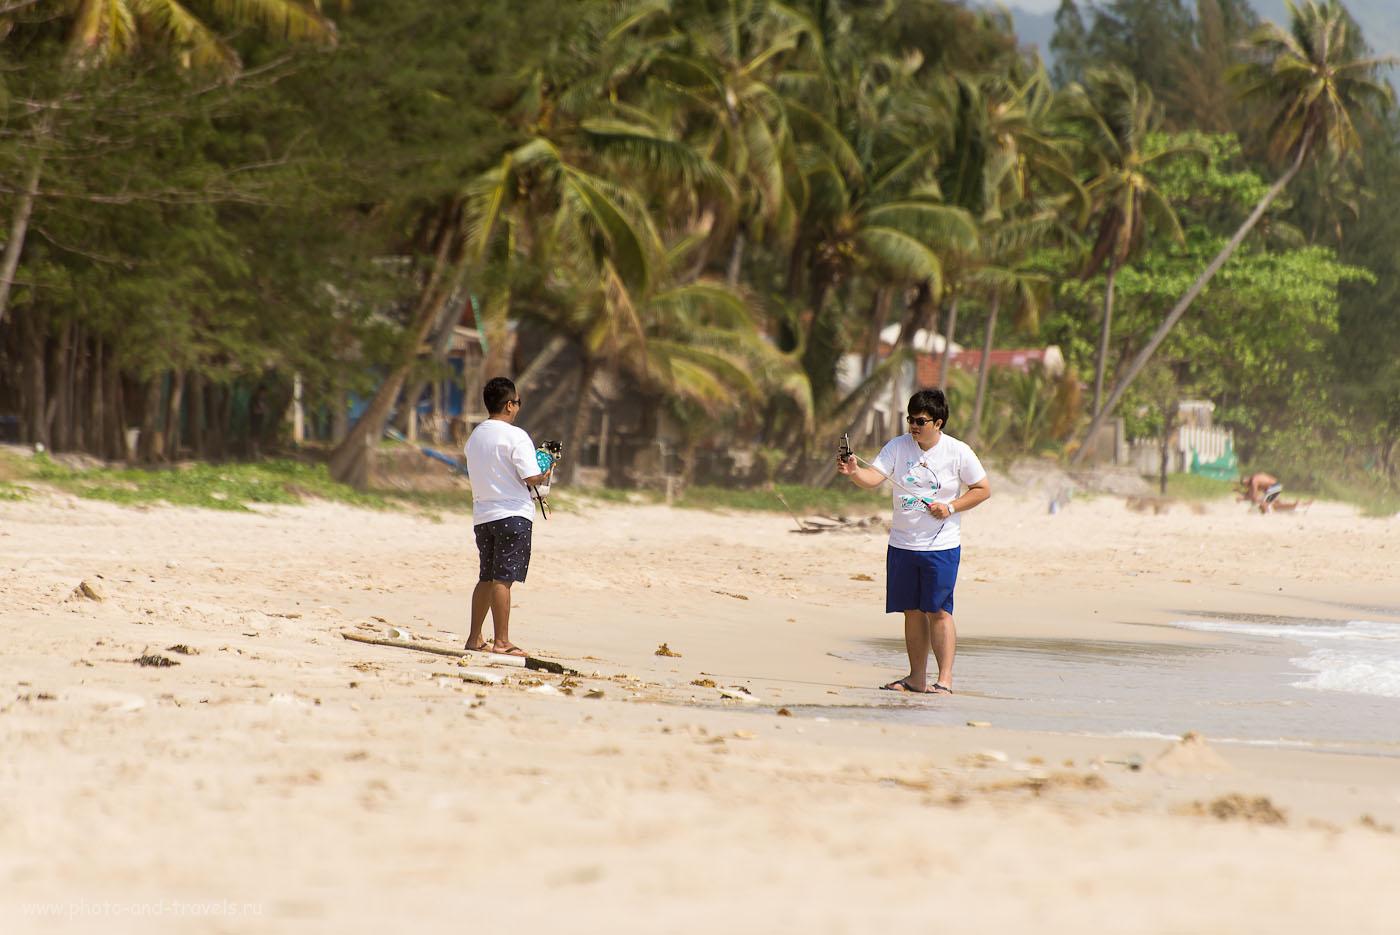 Фото 3. Пляж Thung Wua Laen Beach. Отдых в Таиланде. Отзывы туристов о поездке в Чумпхон. Три друга (100, 300, 5.6, 1/640)